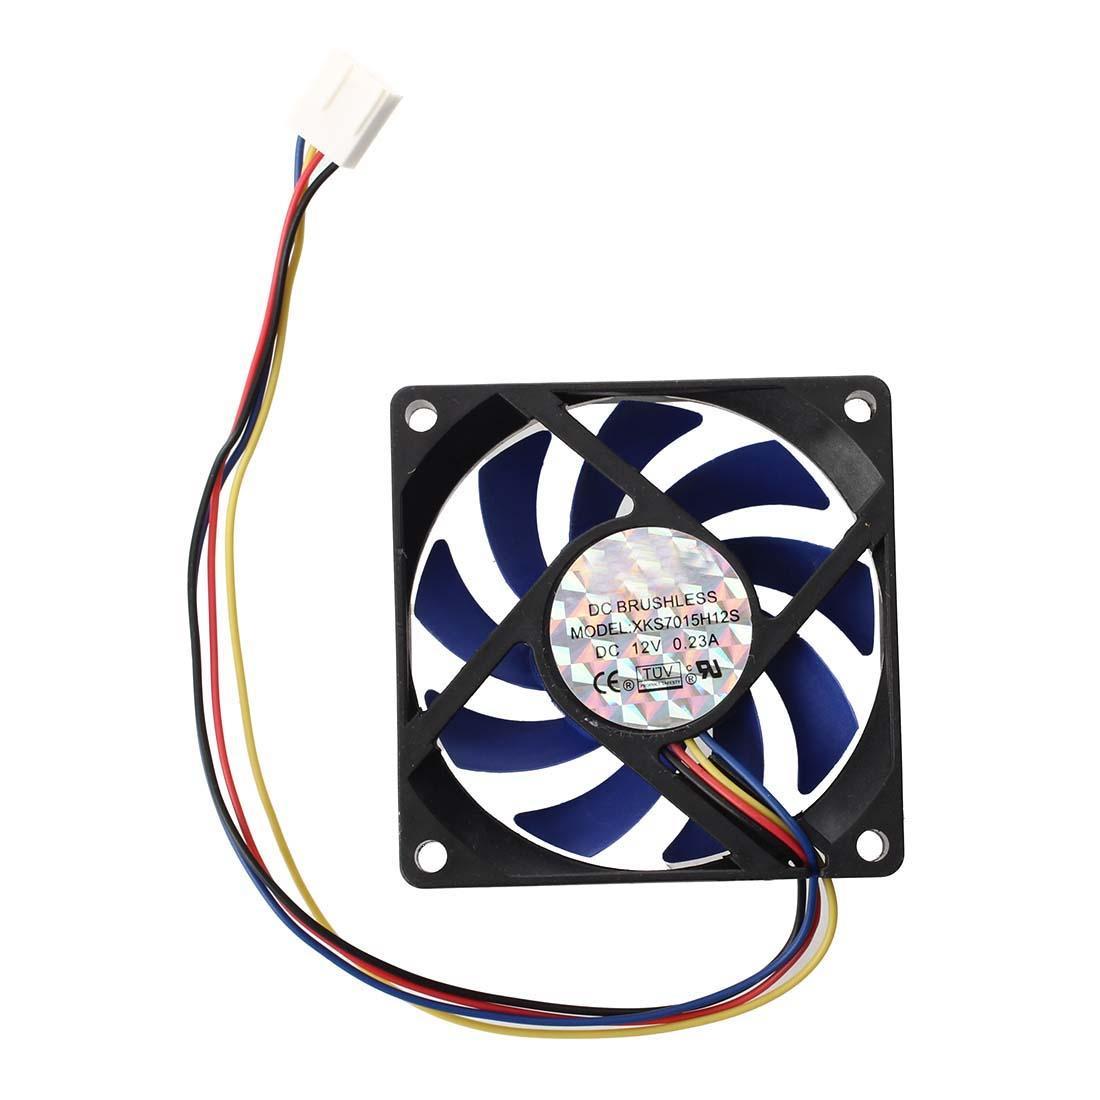 Freeshipping 10pcs 12v DC 32 70mm 4 핀 컴퓨터 케이스 CFM PWM CPU PC 팬 블루 블랙